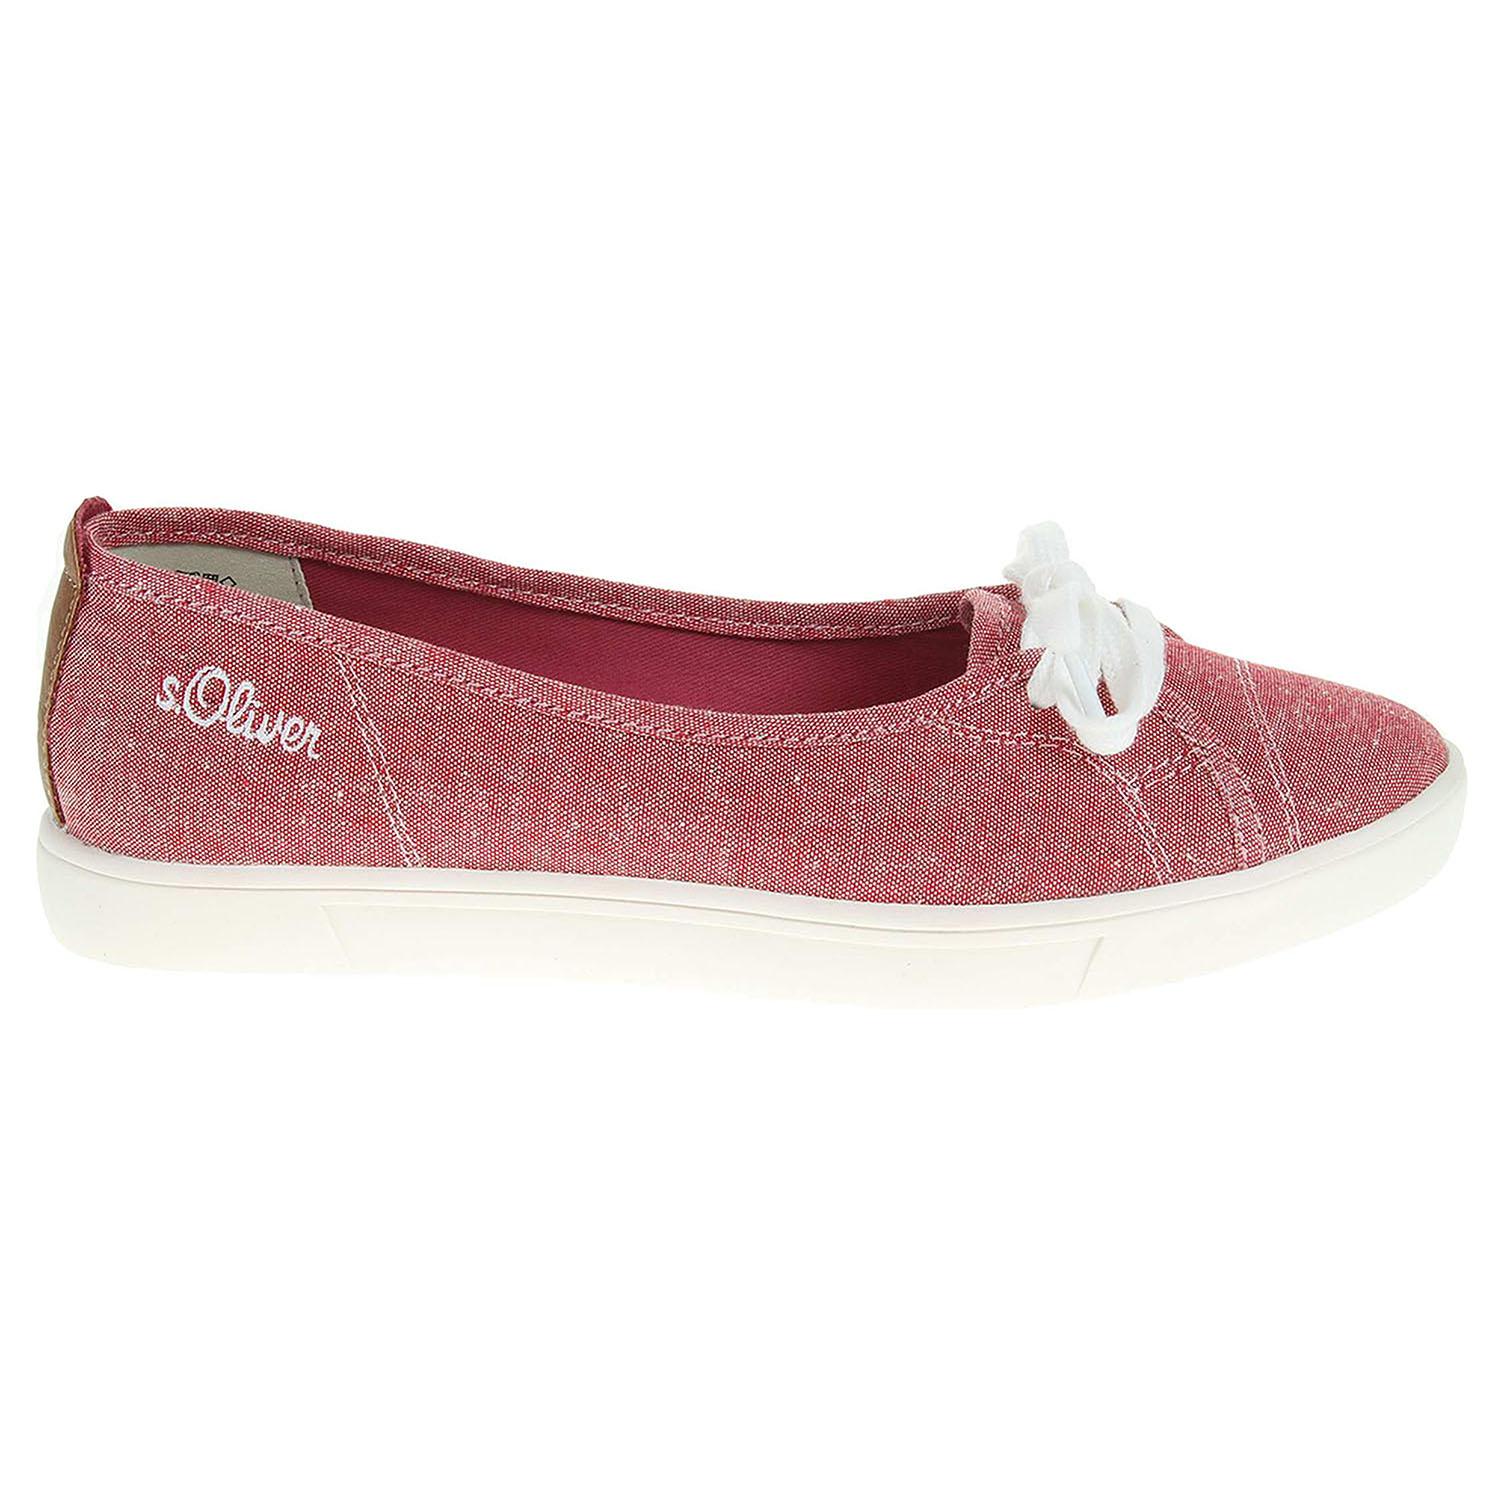 s.Oliver dámská obuv 5-22131-38 červená 37